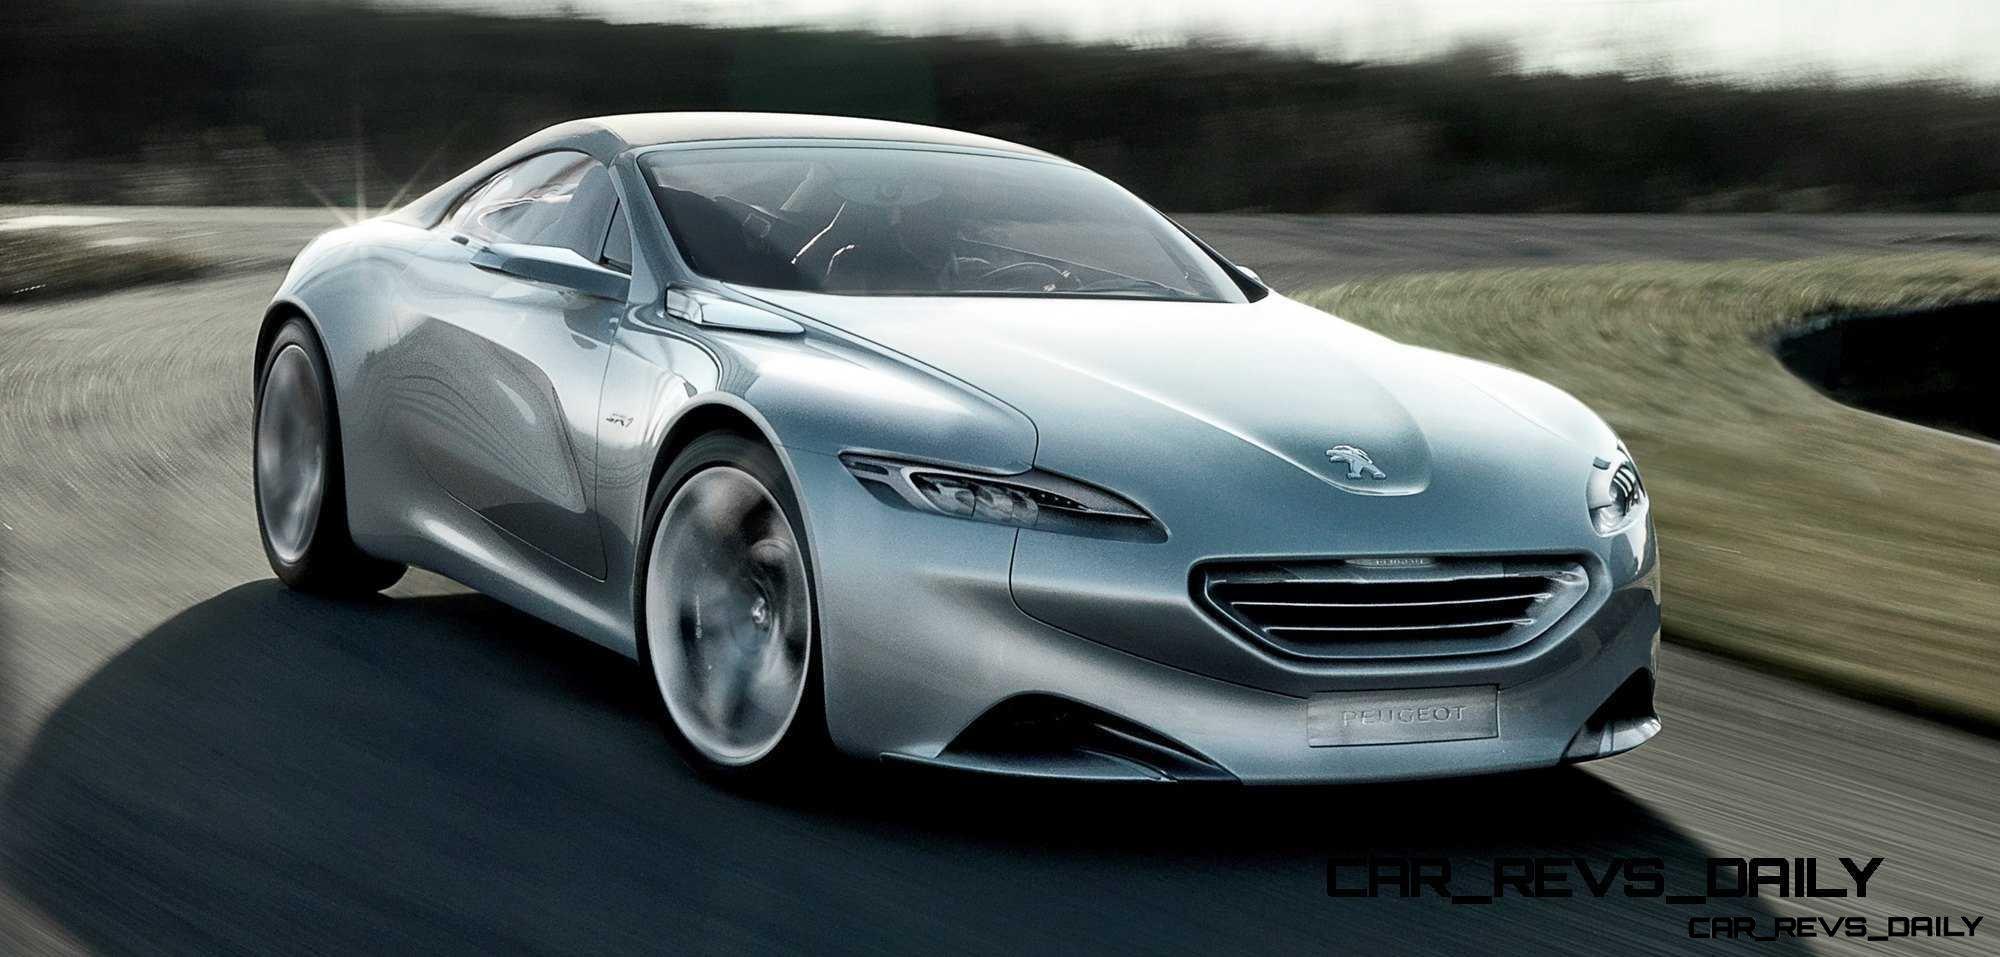 2010 Peugeot SR1 Concept 23